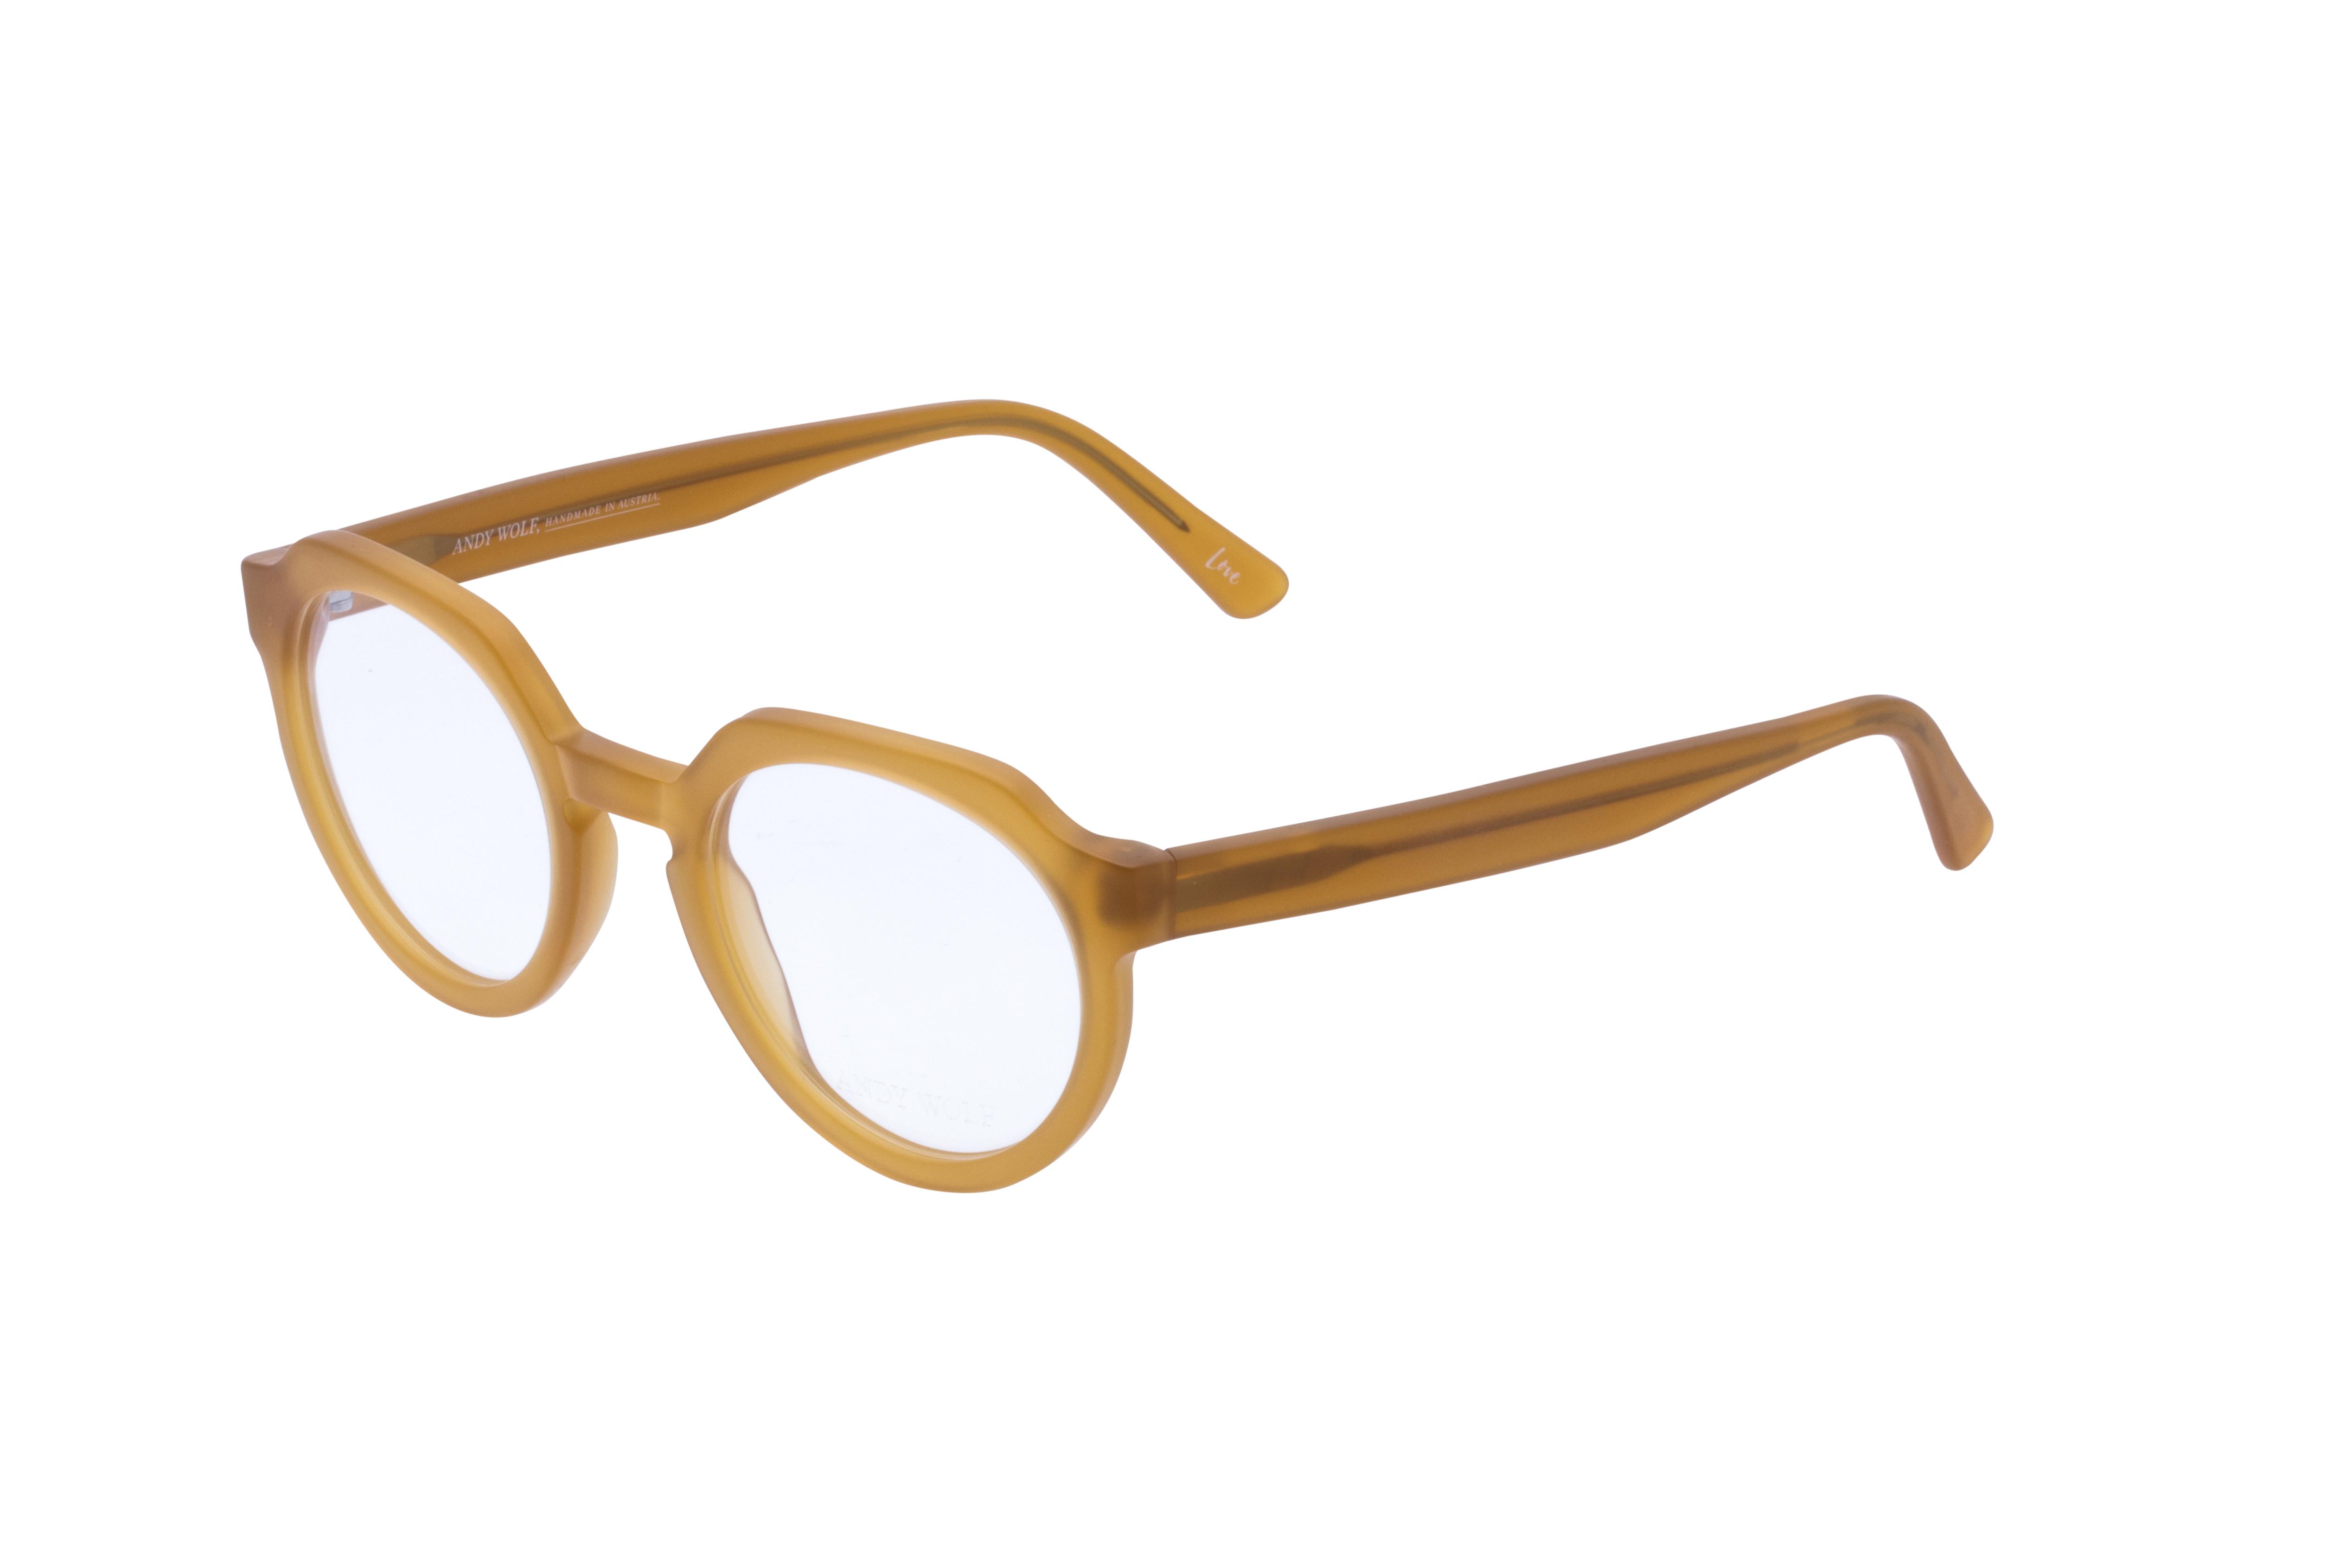 360 Grad Ansicht 21 Andy Wolf 4570, Brille auf Weiß - Fassung bei KUNK